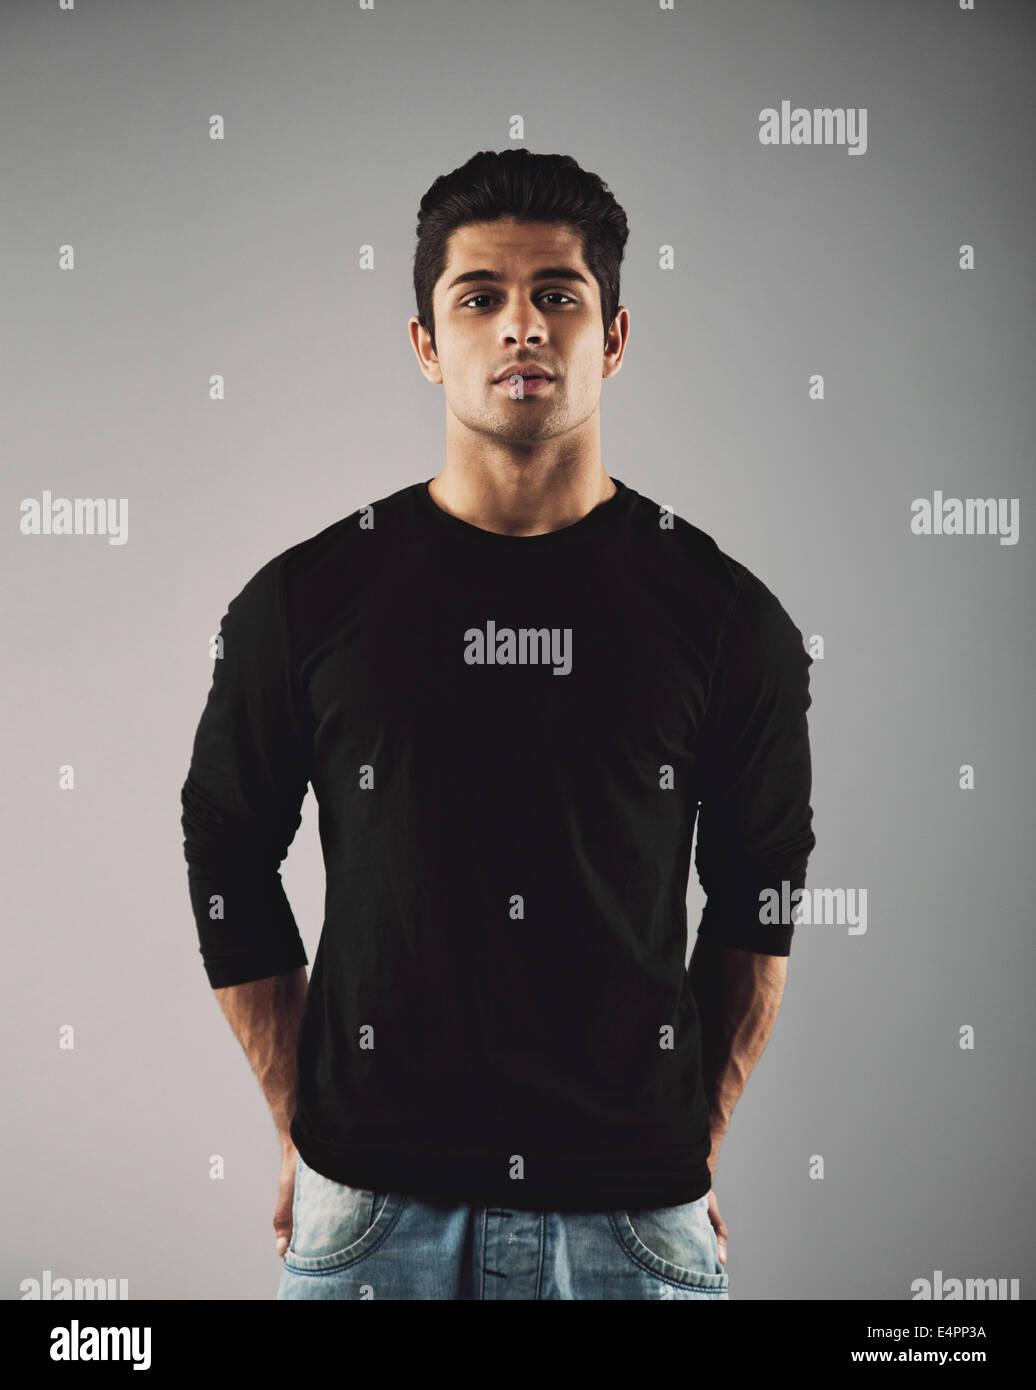 Porträt von gut aussehend junge hispanic Mann posiert. Intelligente männliche Fotomodell posiert auf grauem Stockbild